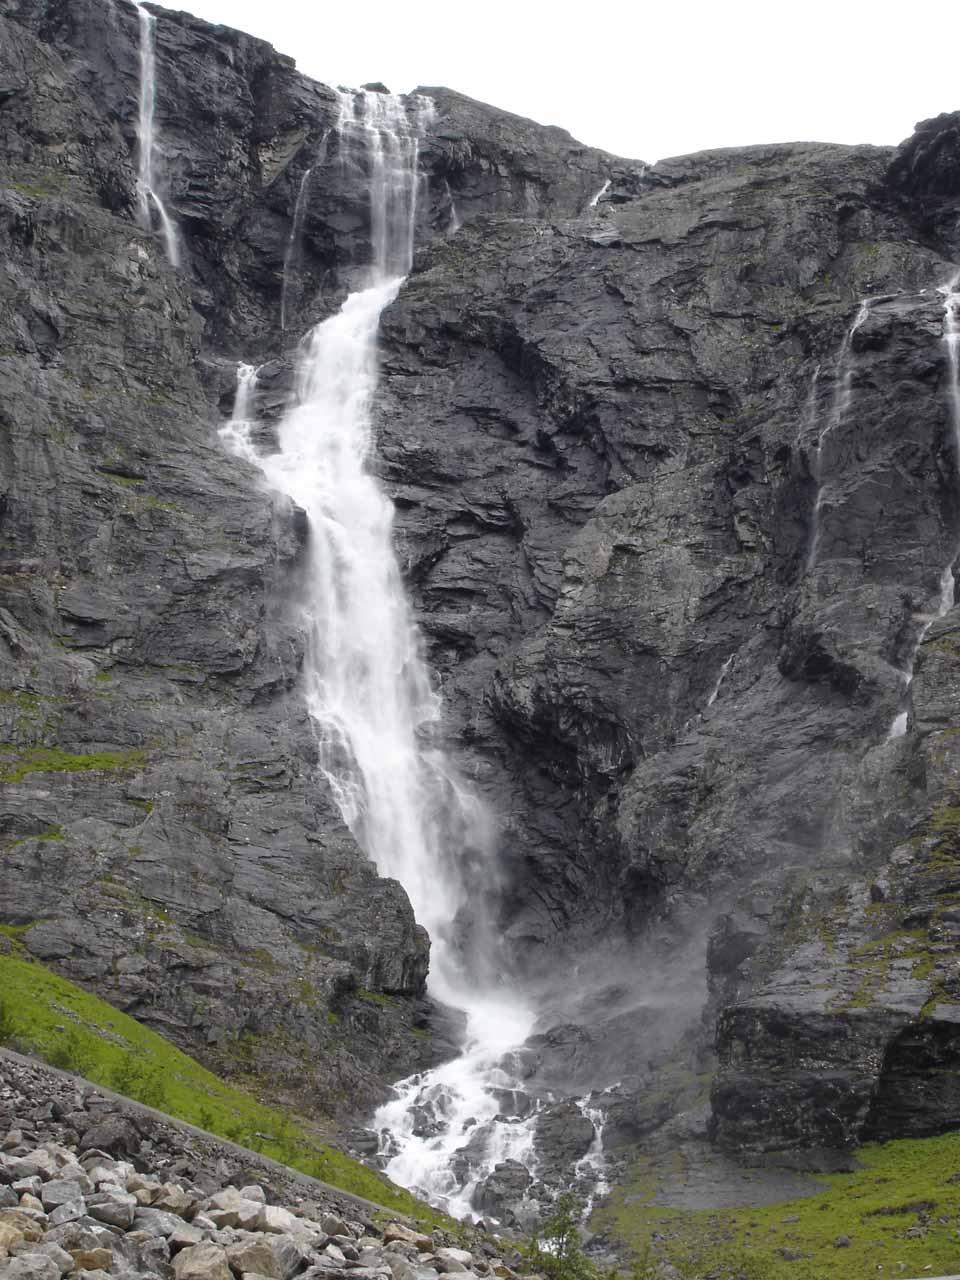 Higher up Trollstigen with this closeup view of Tverrdalsfossen